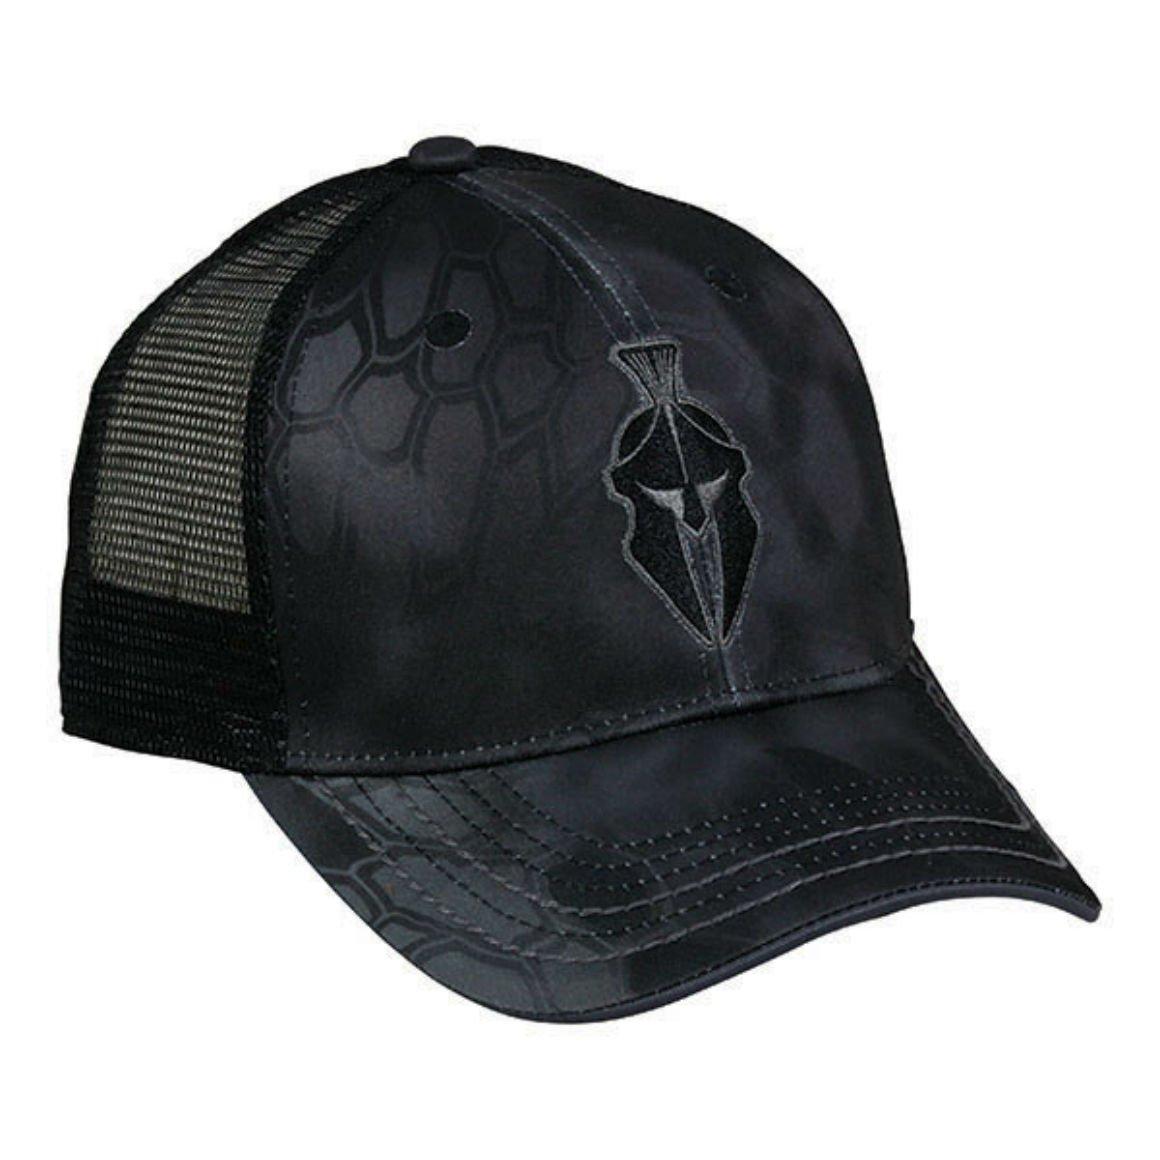 Kryptek Camo Mesh Back Hunting/Military Cap Outdoor Cap